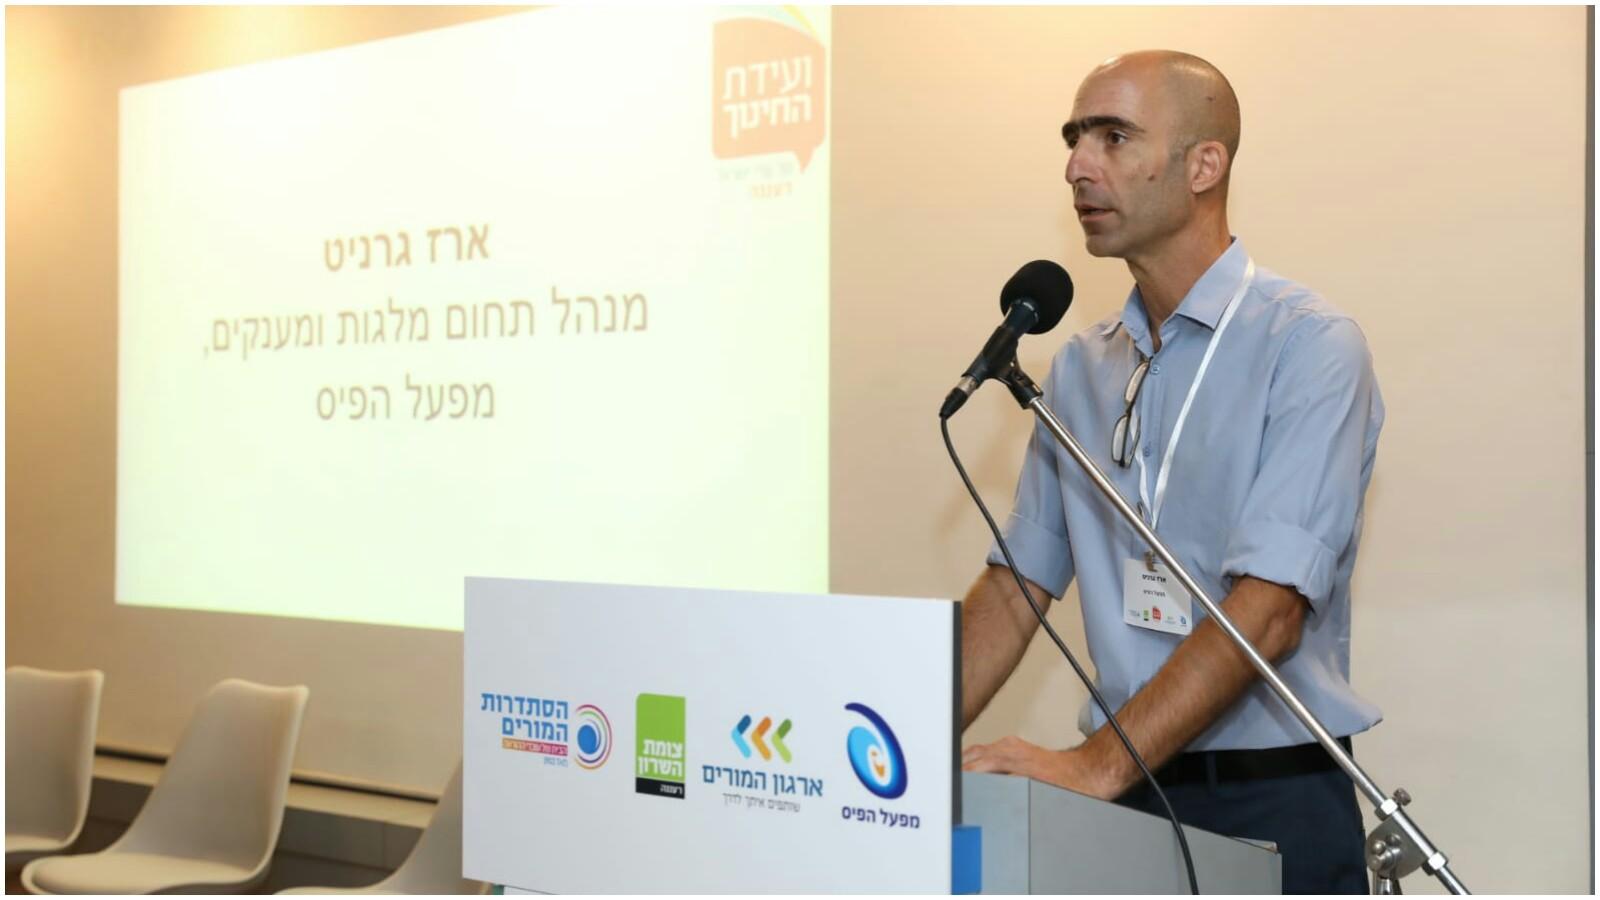 ארז גרניט מנהל תחום מלגות ומענקים של מפעל הפיס צילום עזרא לוי